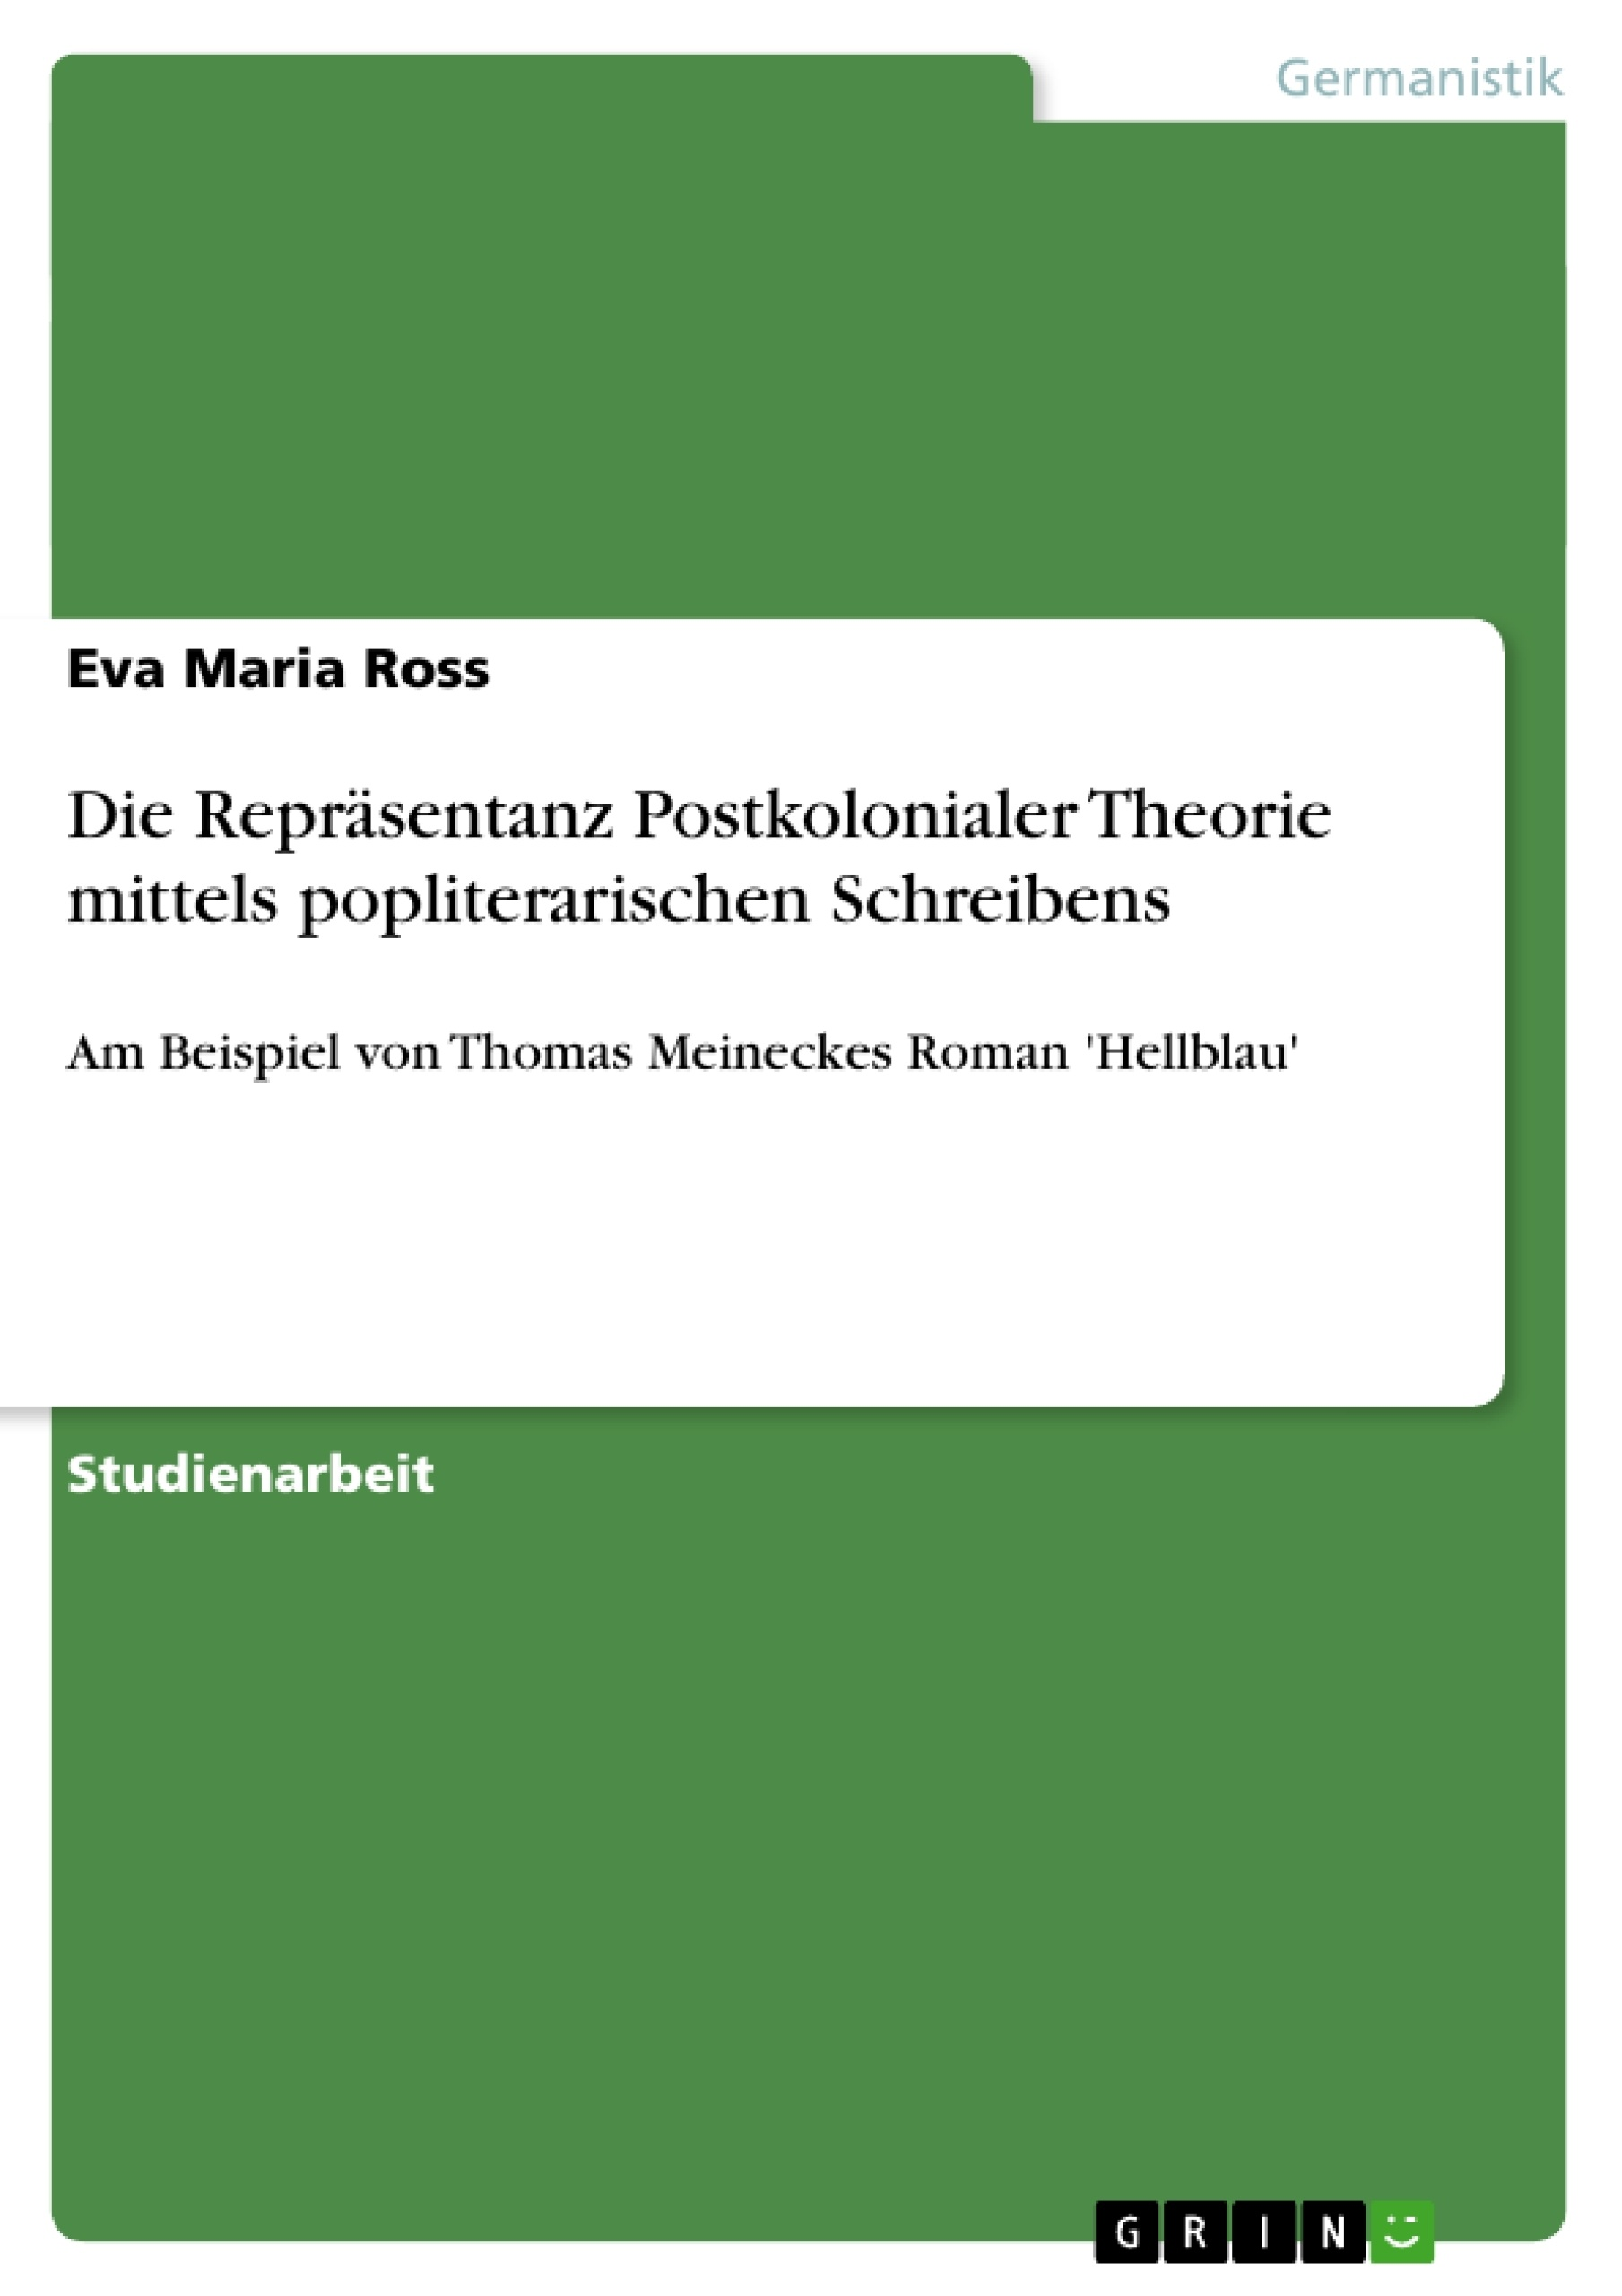 Titel: Die Repräsentanz Postkolonialer Theorie mittels popliterarischen Schreibens